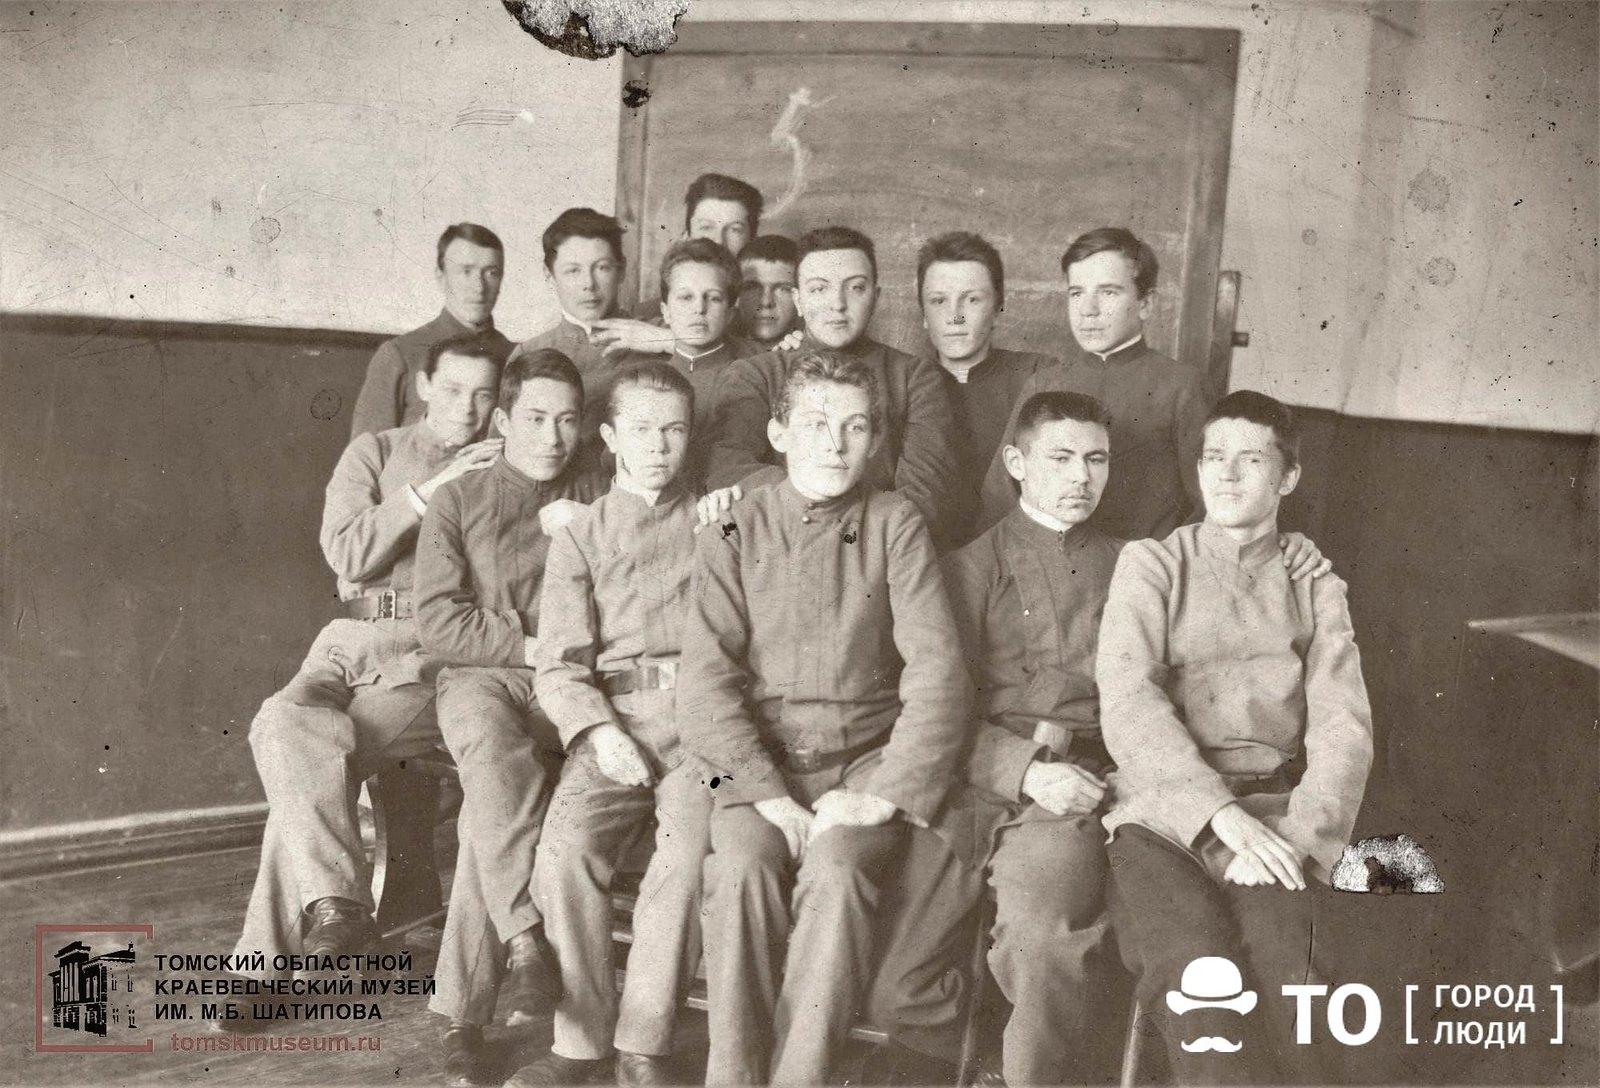 26. Группа учащихся Алексеевского реального училища. Второй справа во 2-м ряду — Тюменцев Константин